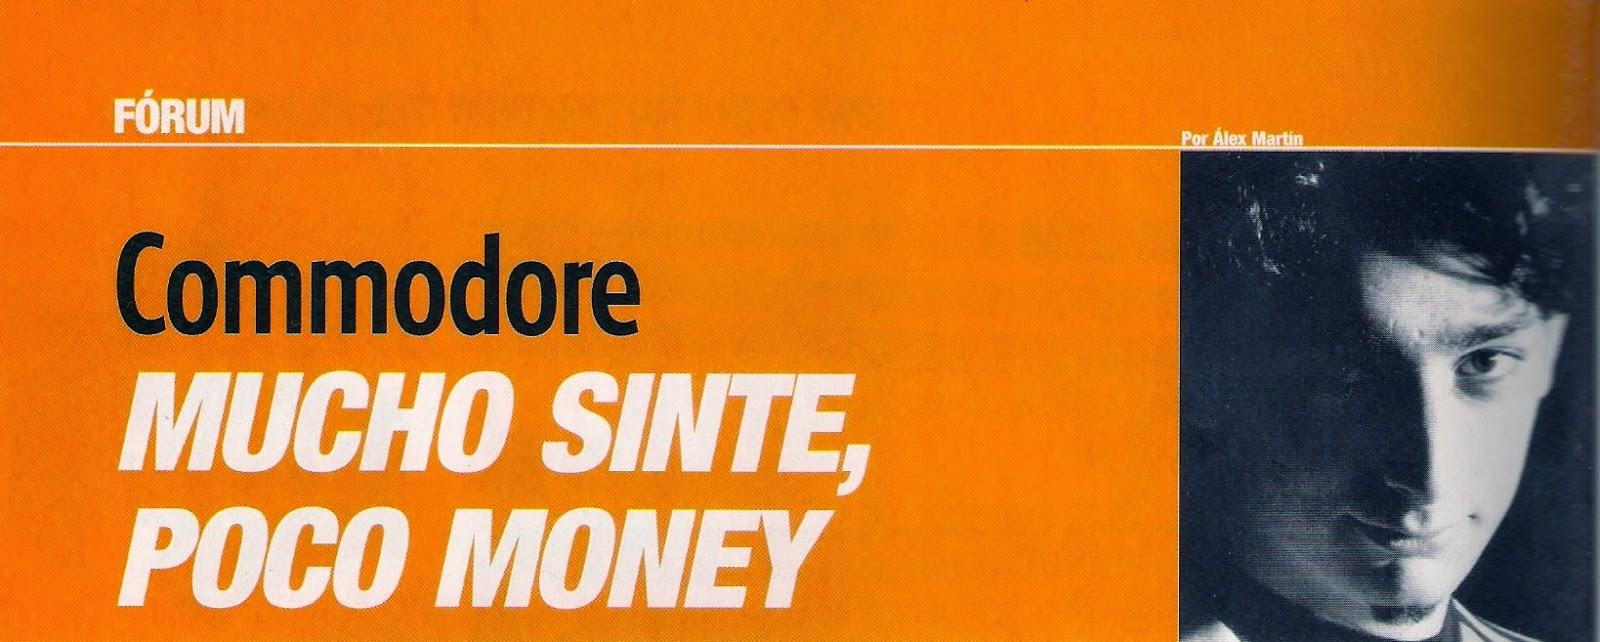 Mucho sinte, poco money - Alex Martin